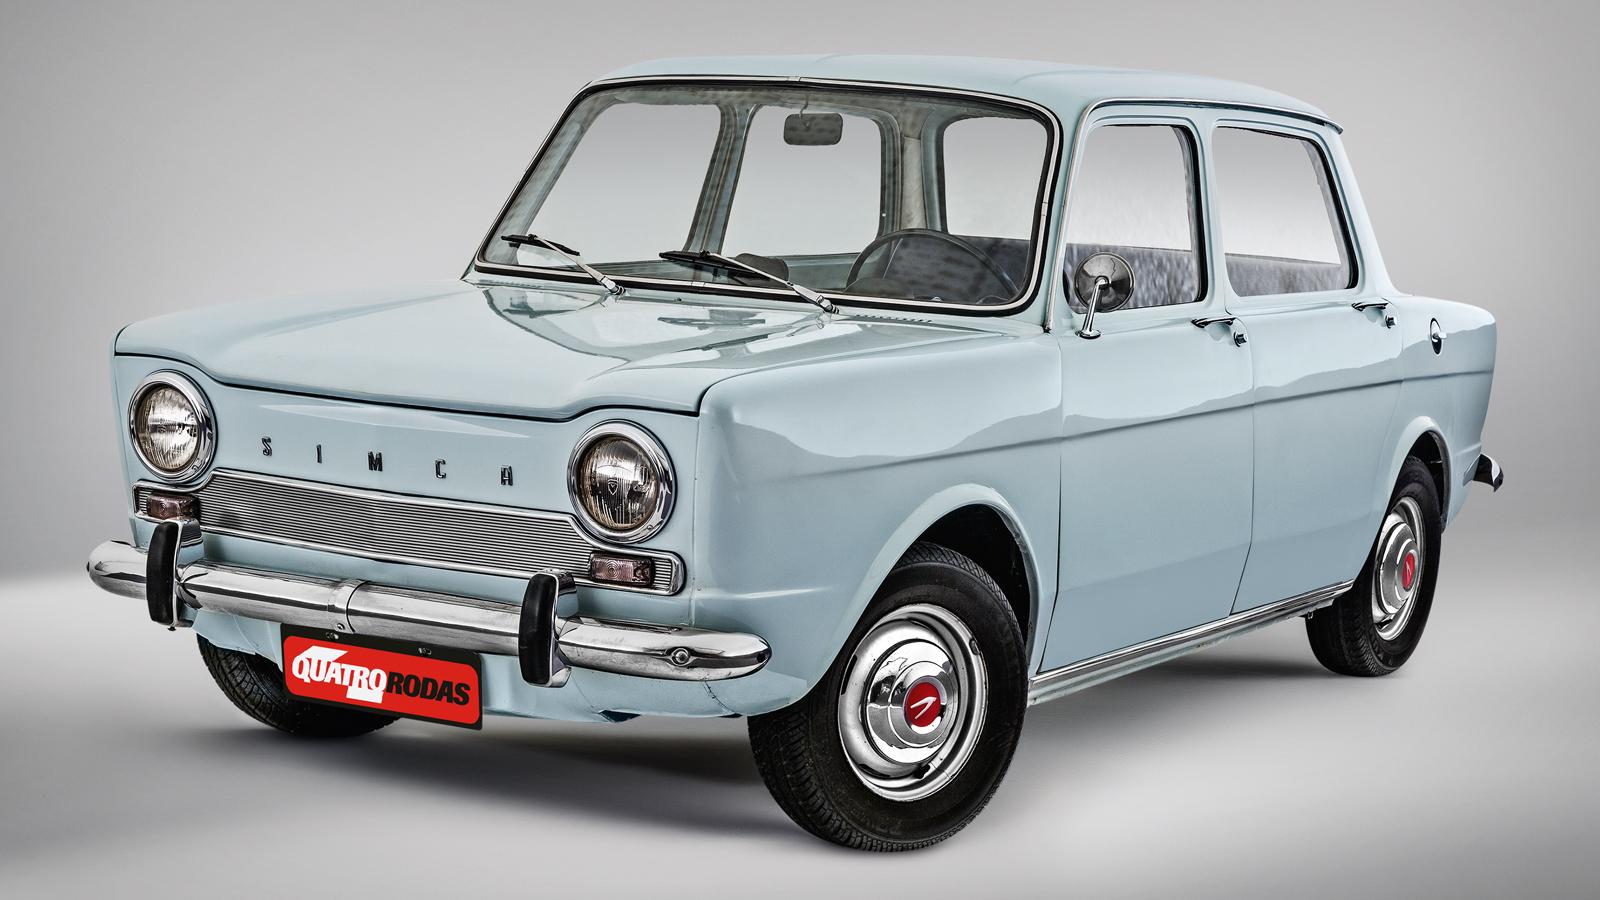 O Simca 1000 deu origem à célebre versão Rallye em 1970